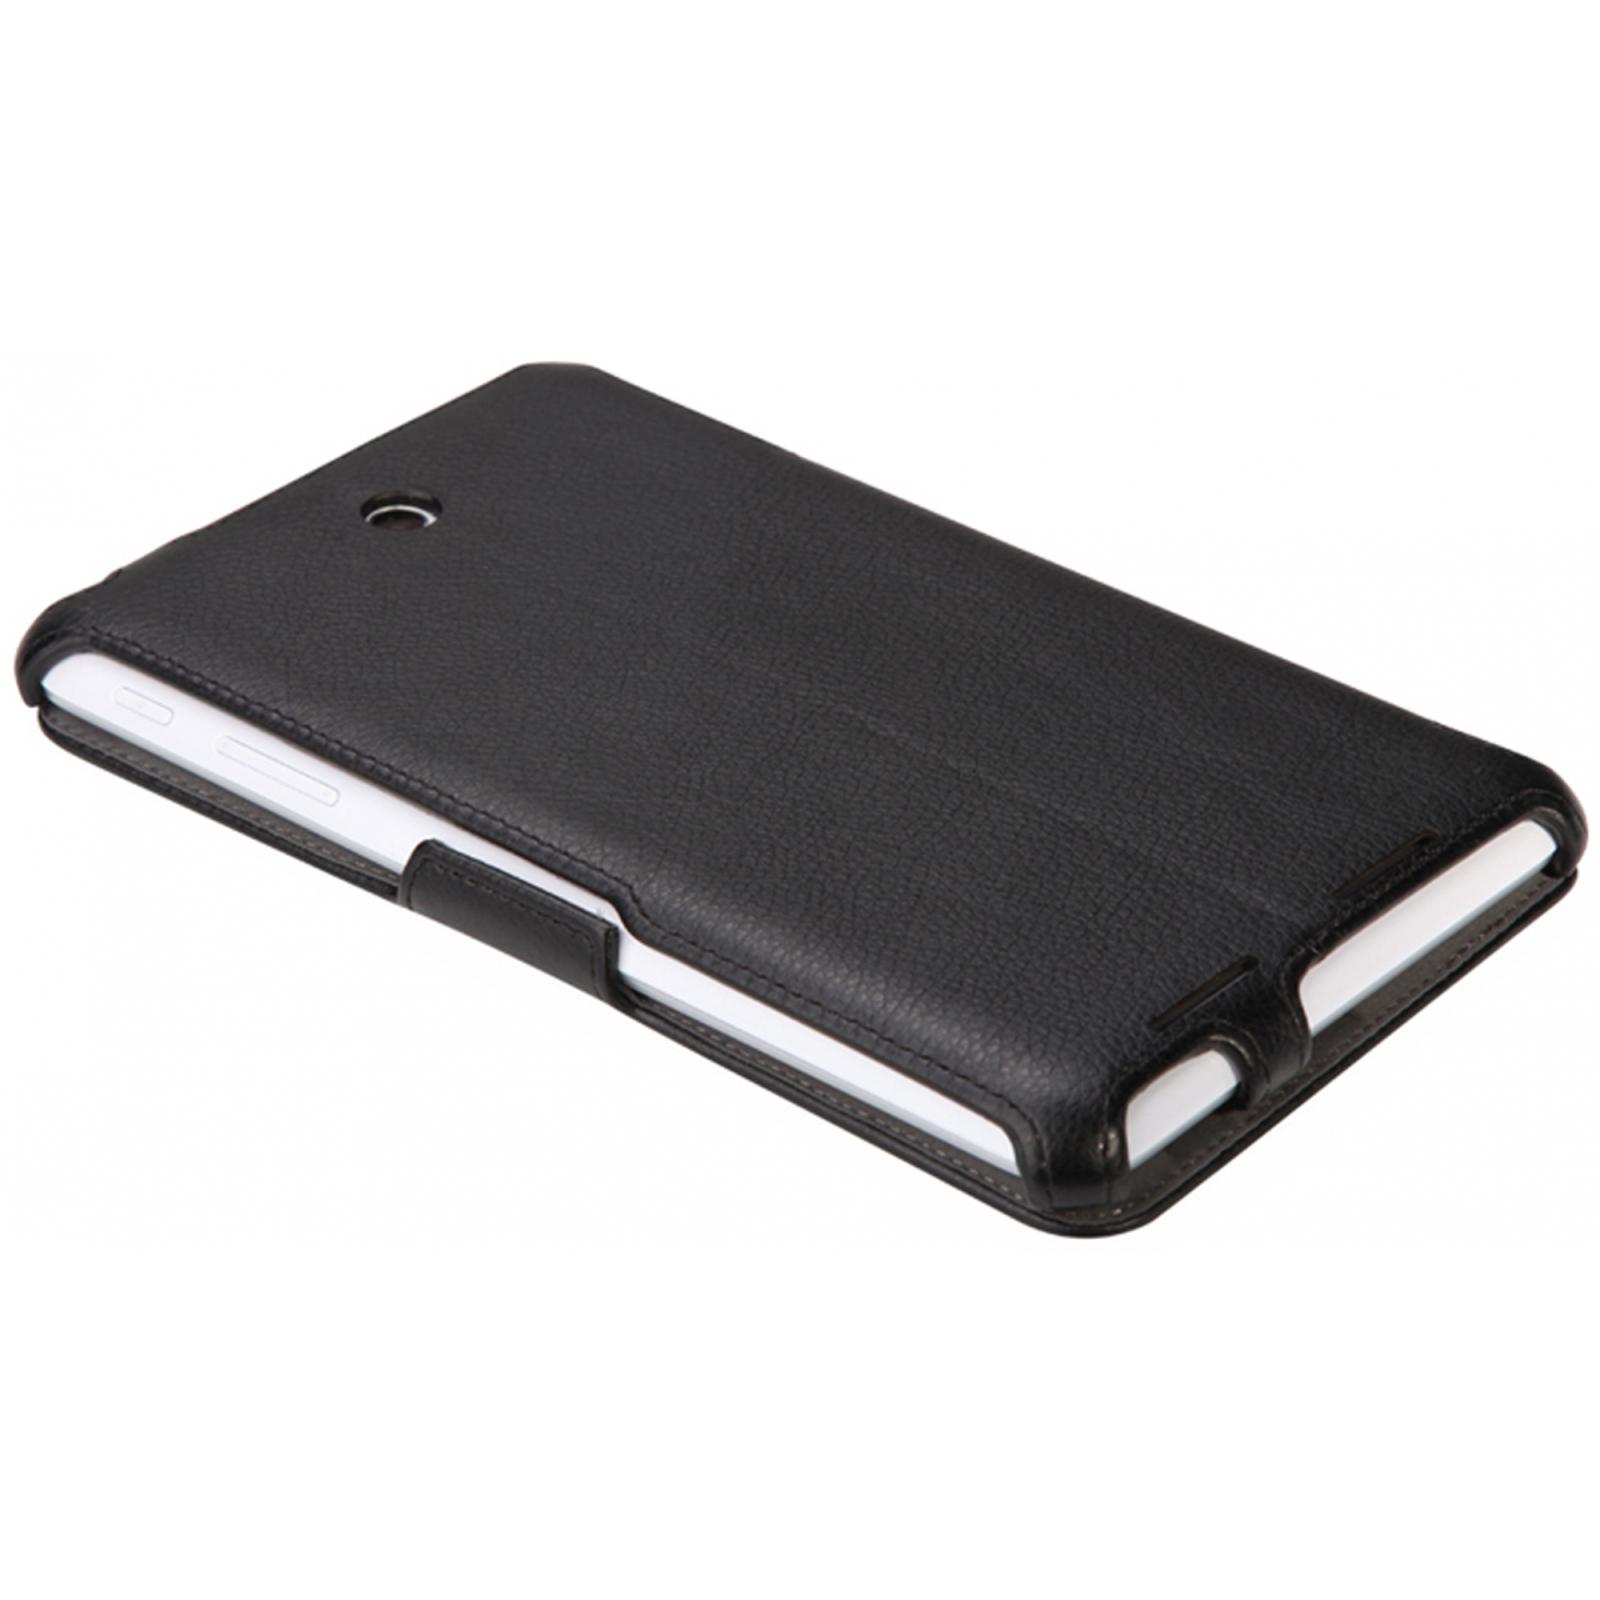 Чехол для планшета AirOn для Asus MeMO Pad 8 black (6946795830153) изображение 5